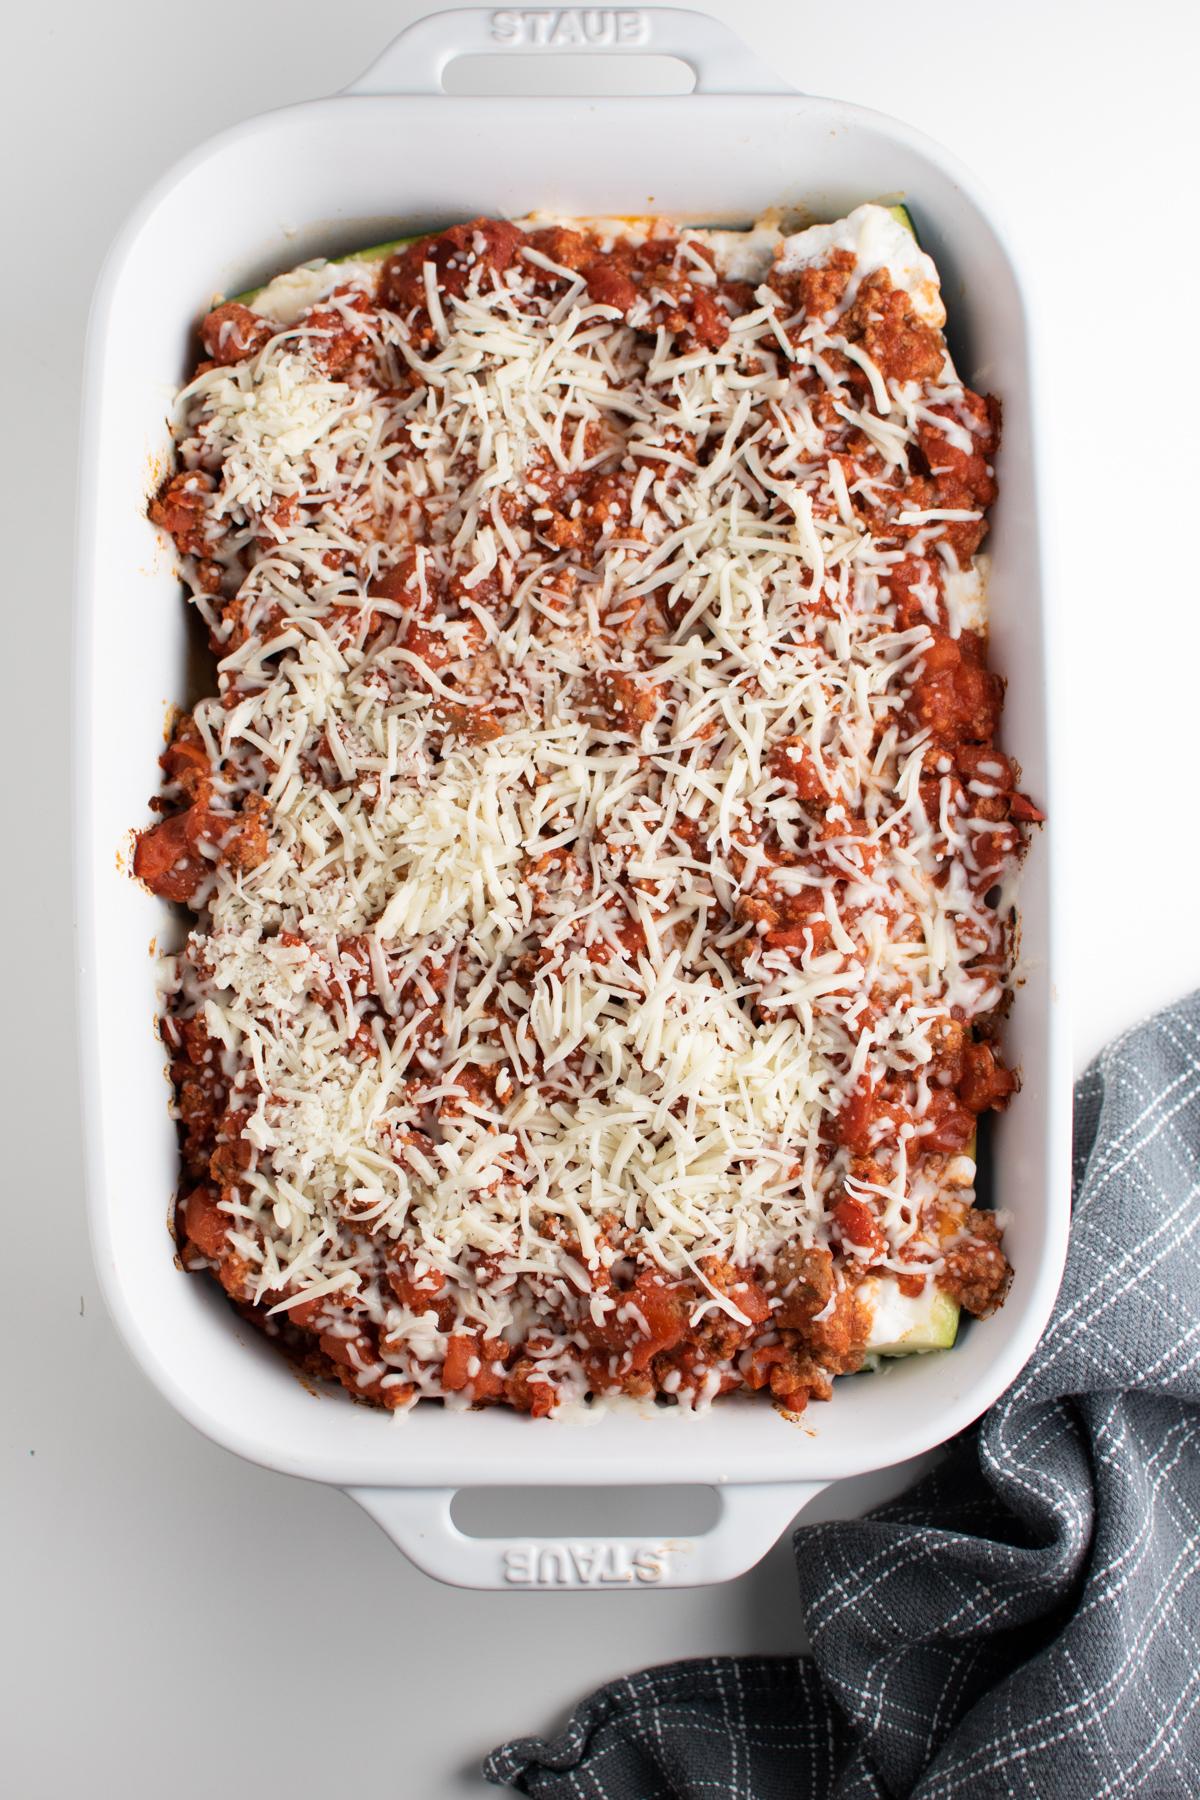 Shredded mozzarella cheese on lasagna zucchini boats.